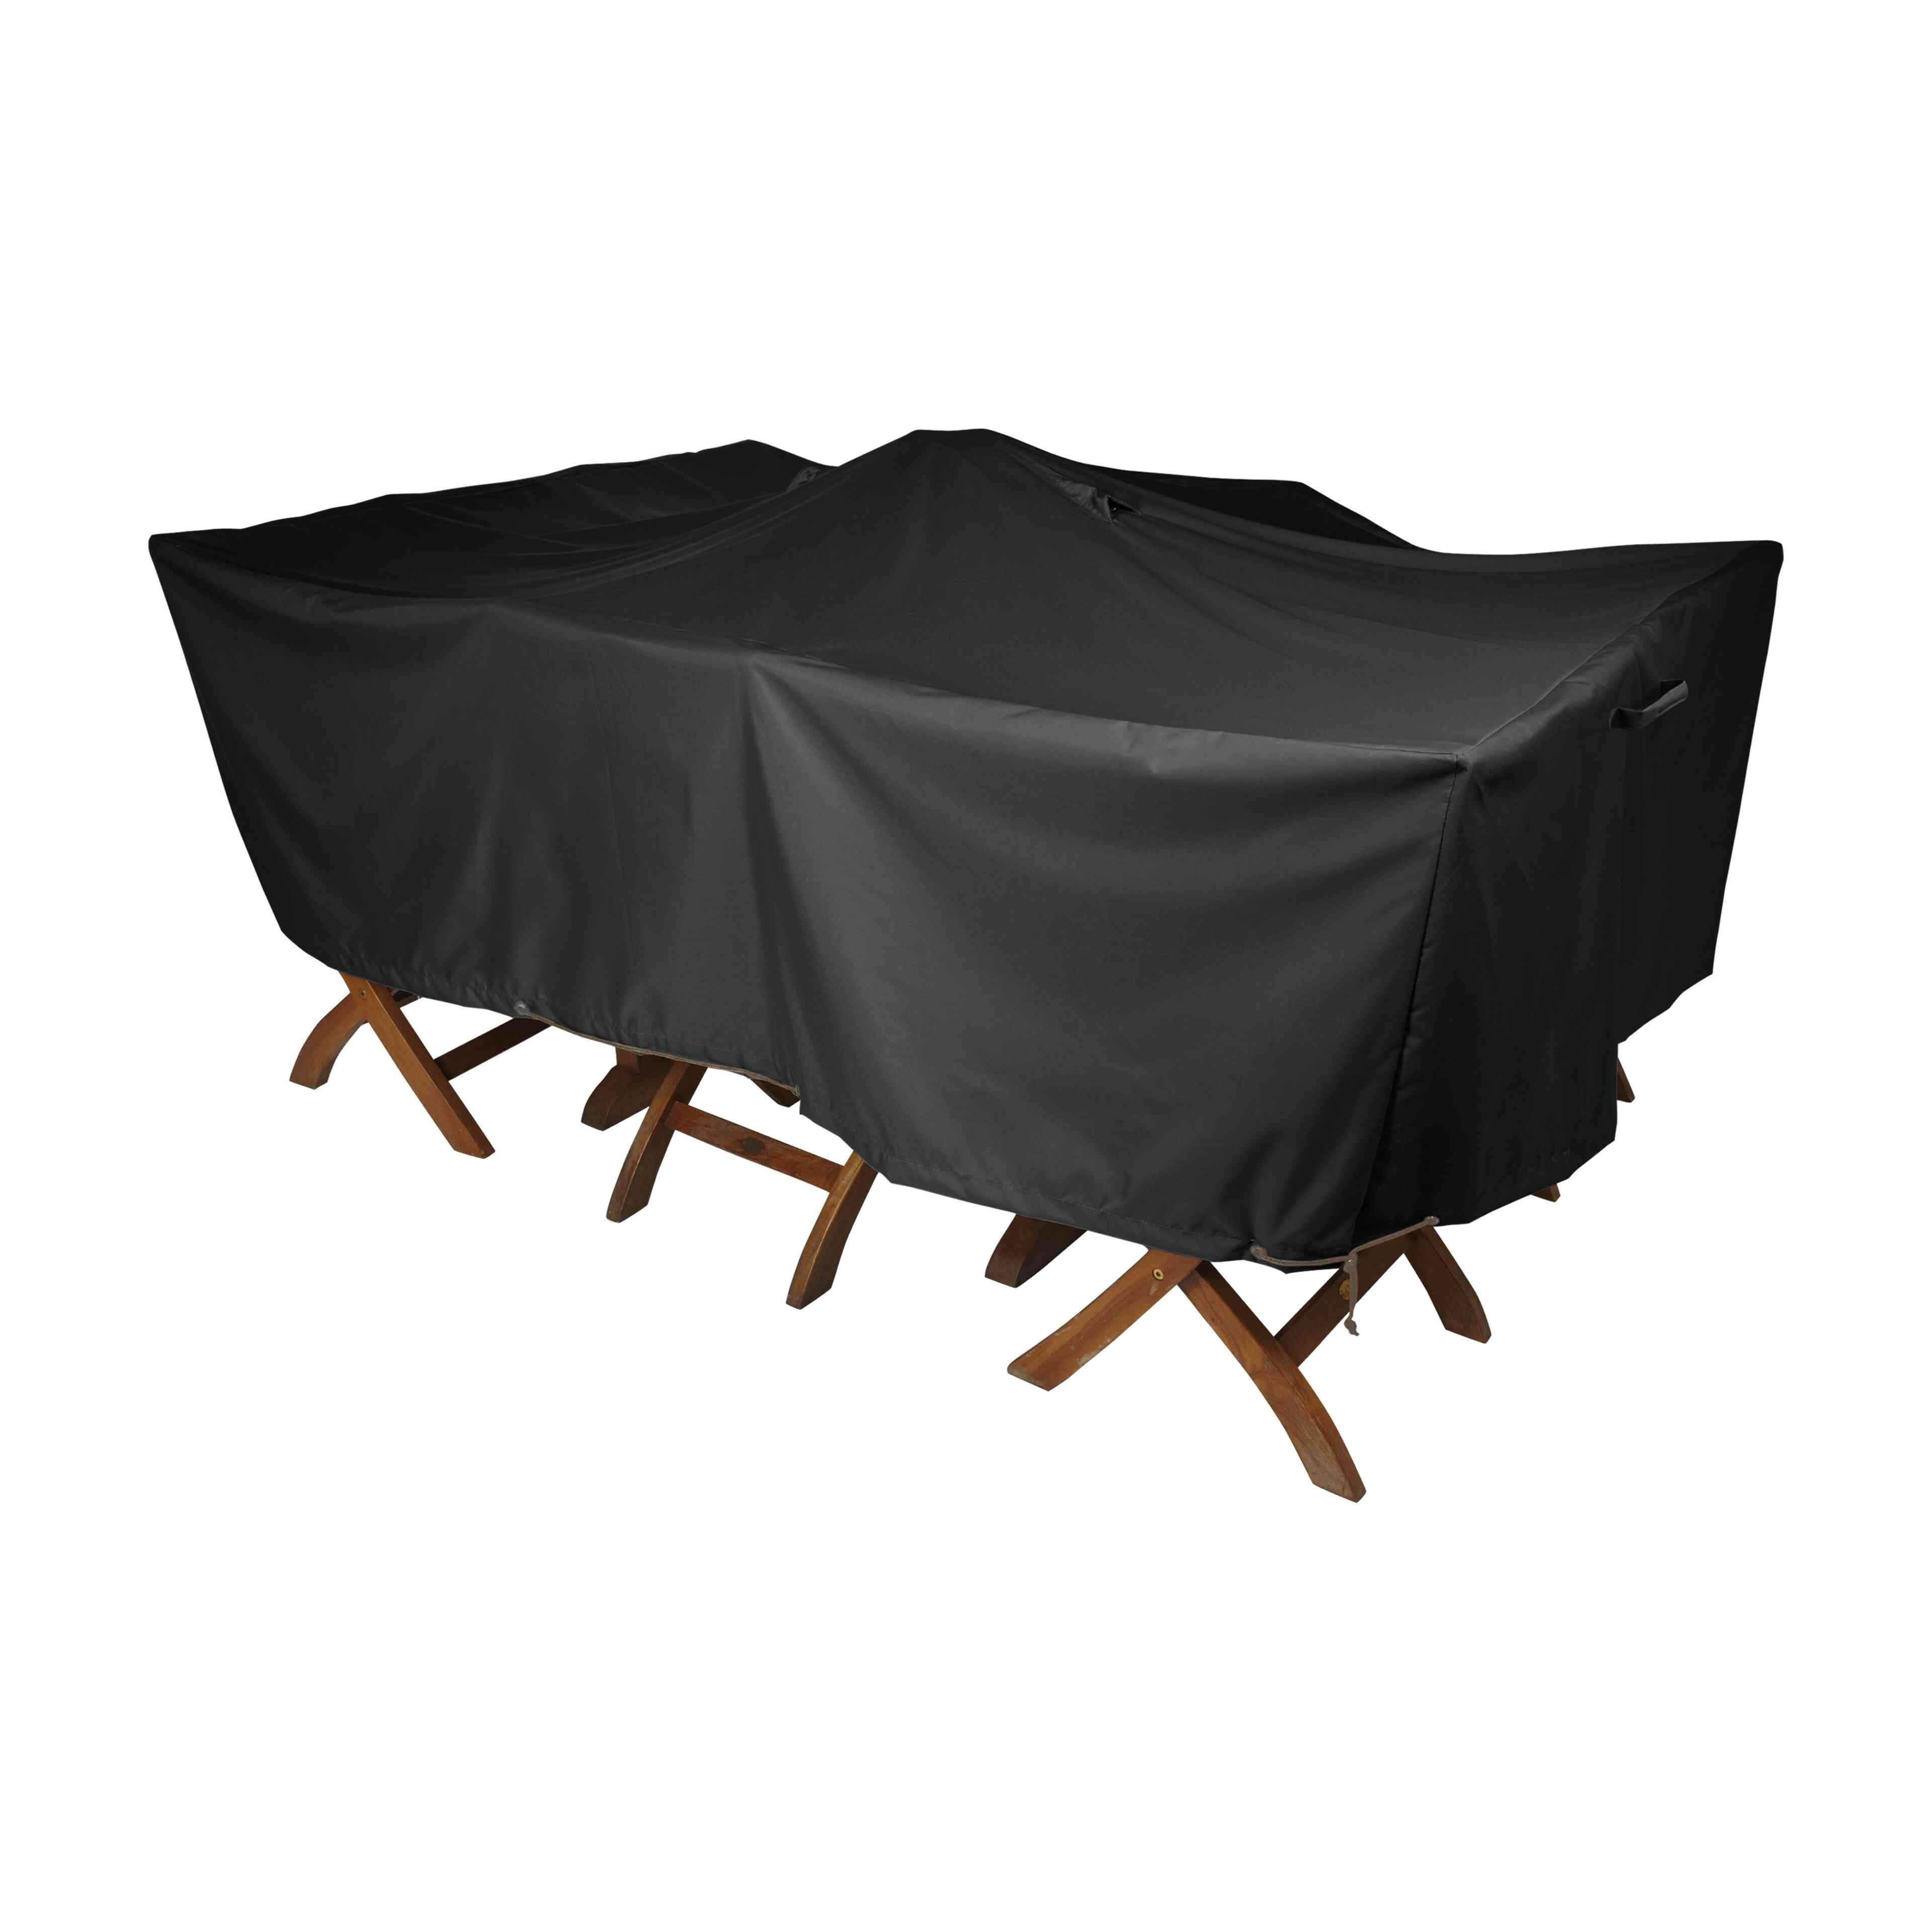 Housse de table rectangulaire  Achat housse table pas